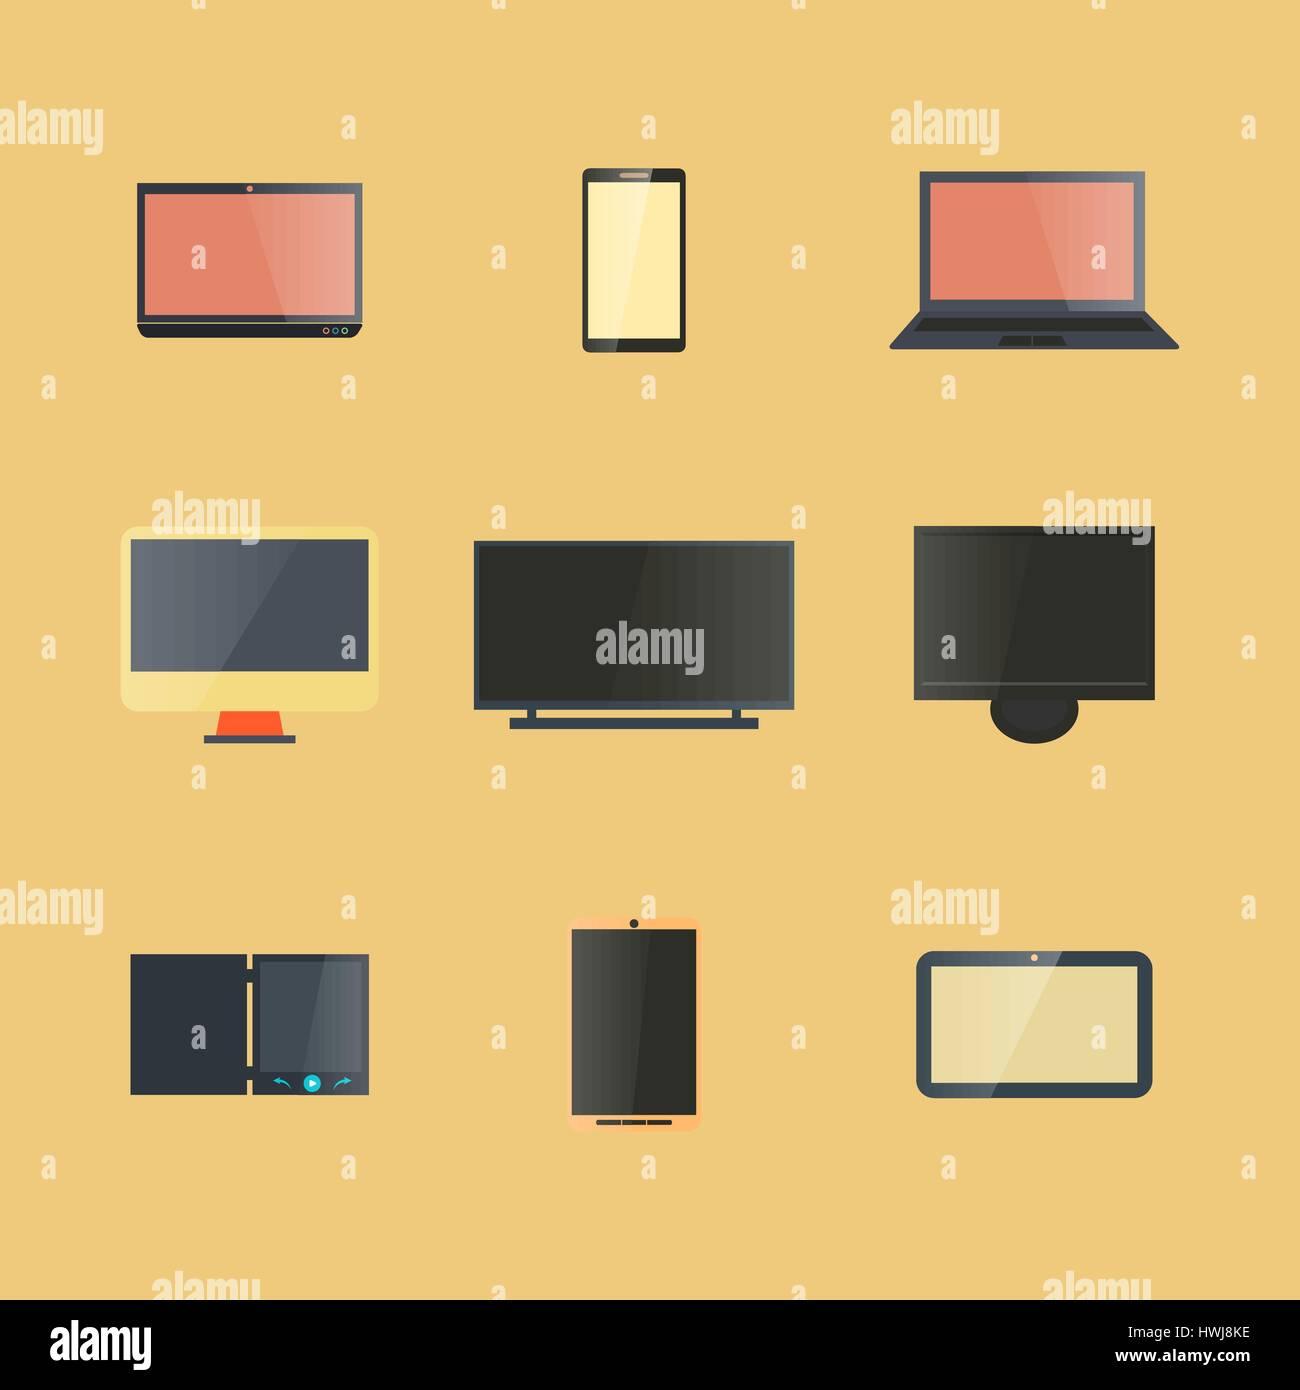 Appareils numériques avec affichage des icônes isolé sur fond jaune, la conception de composants électroniques. Illustration de Vecteur